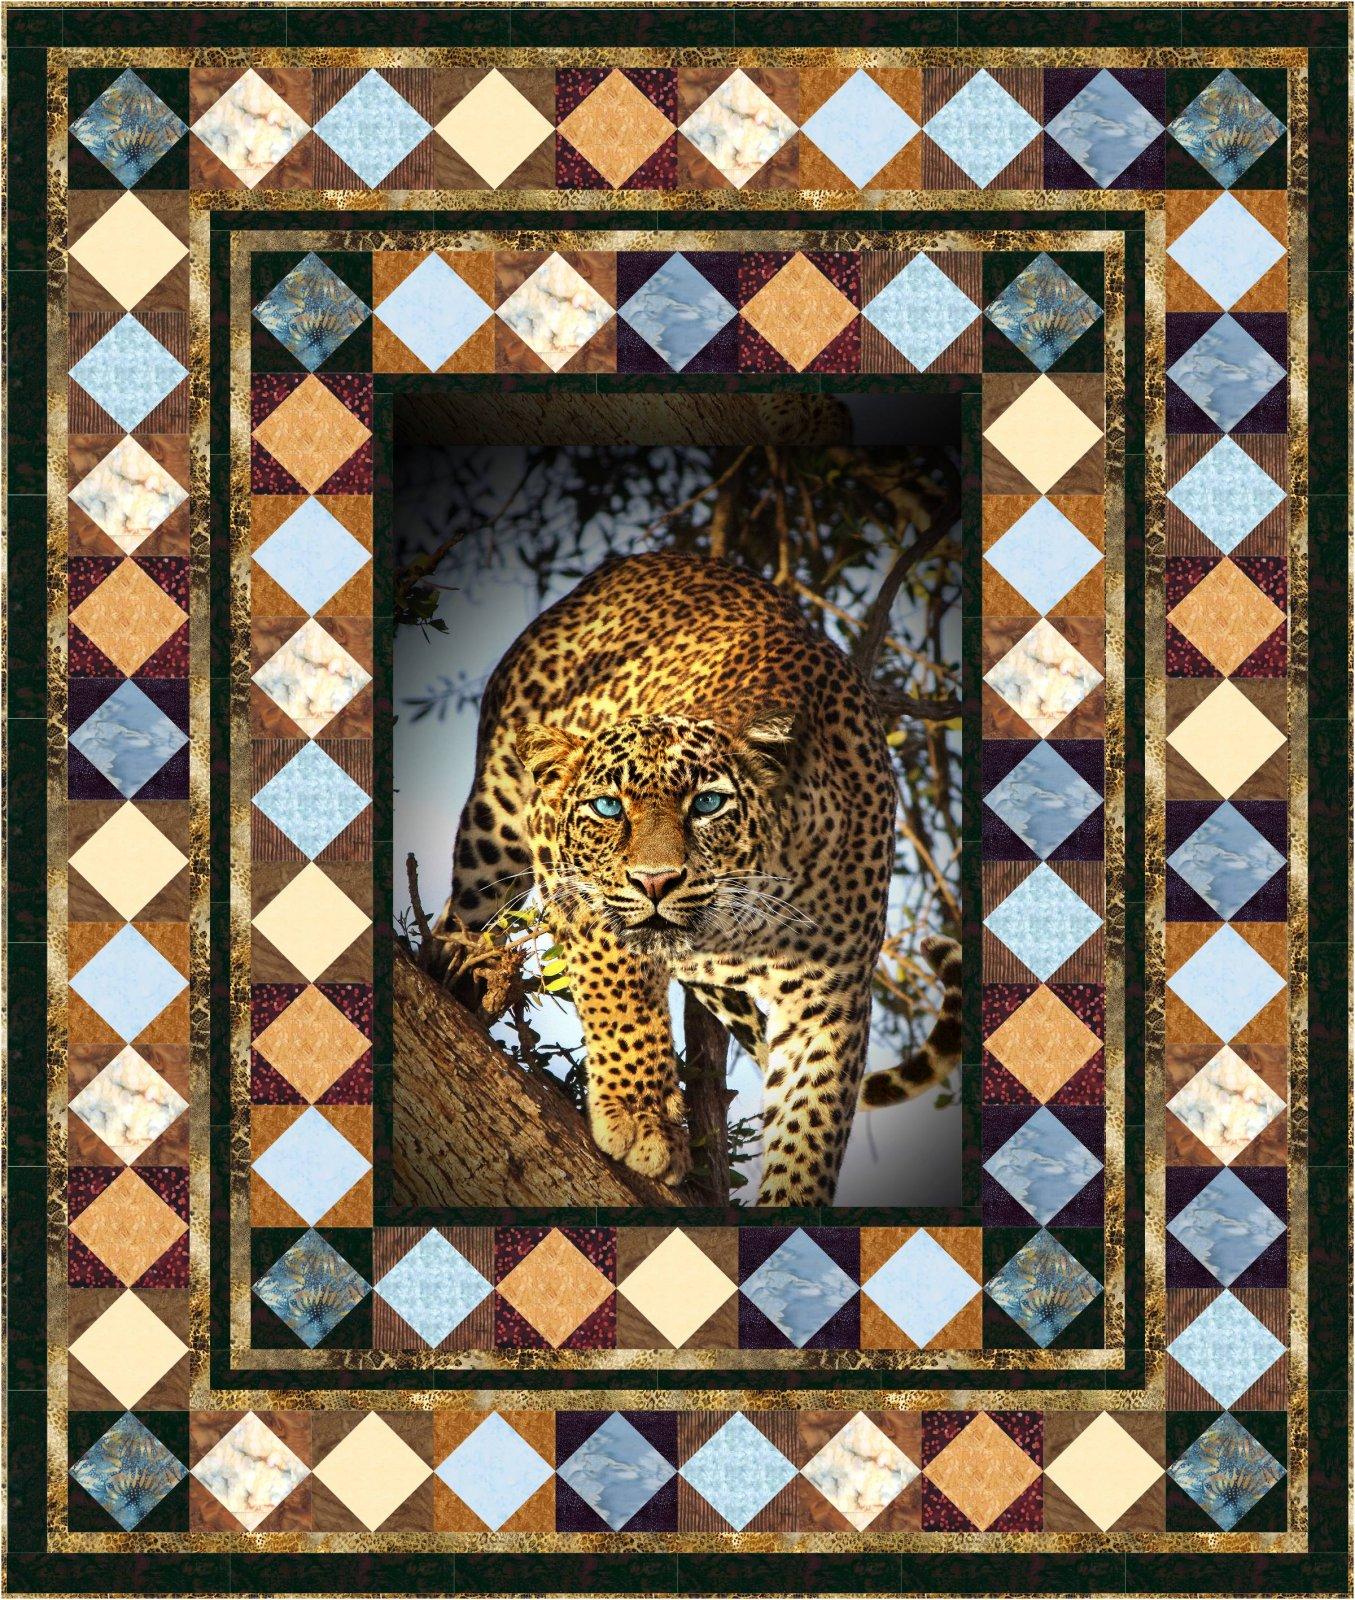 Leopardo Di Caprio